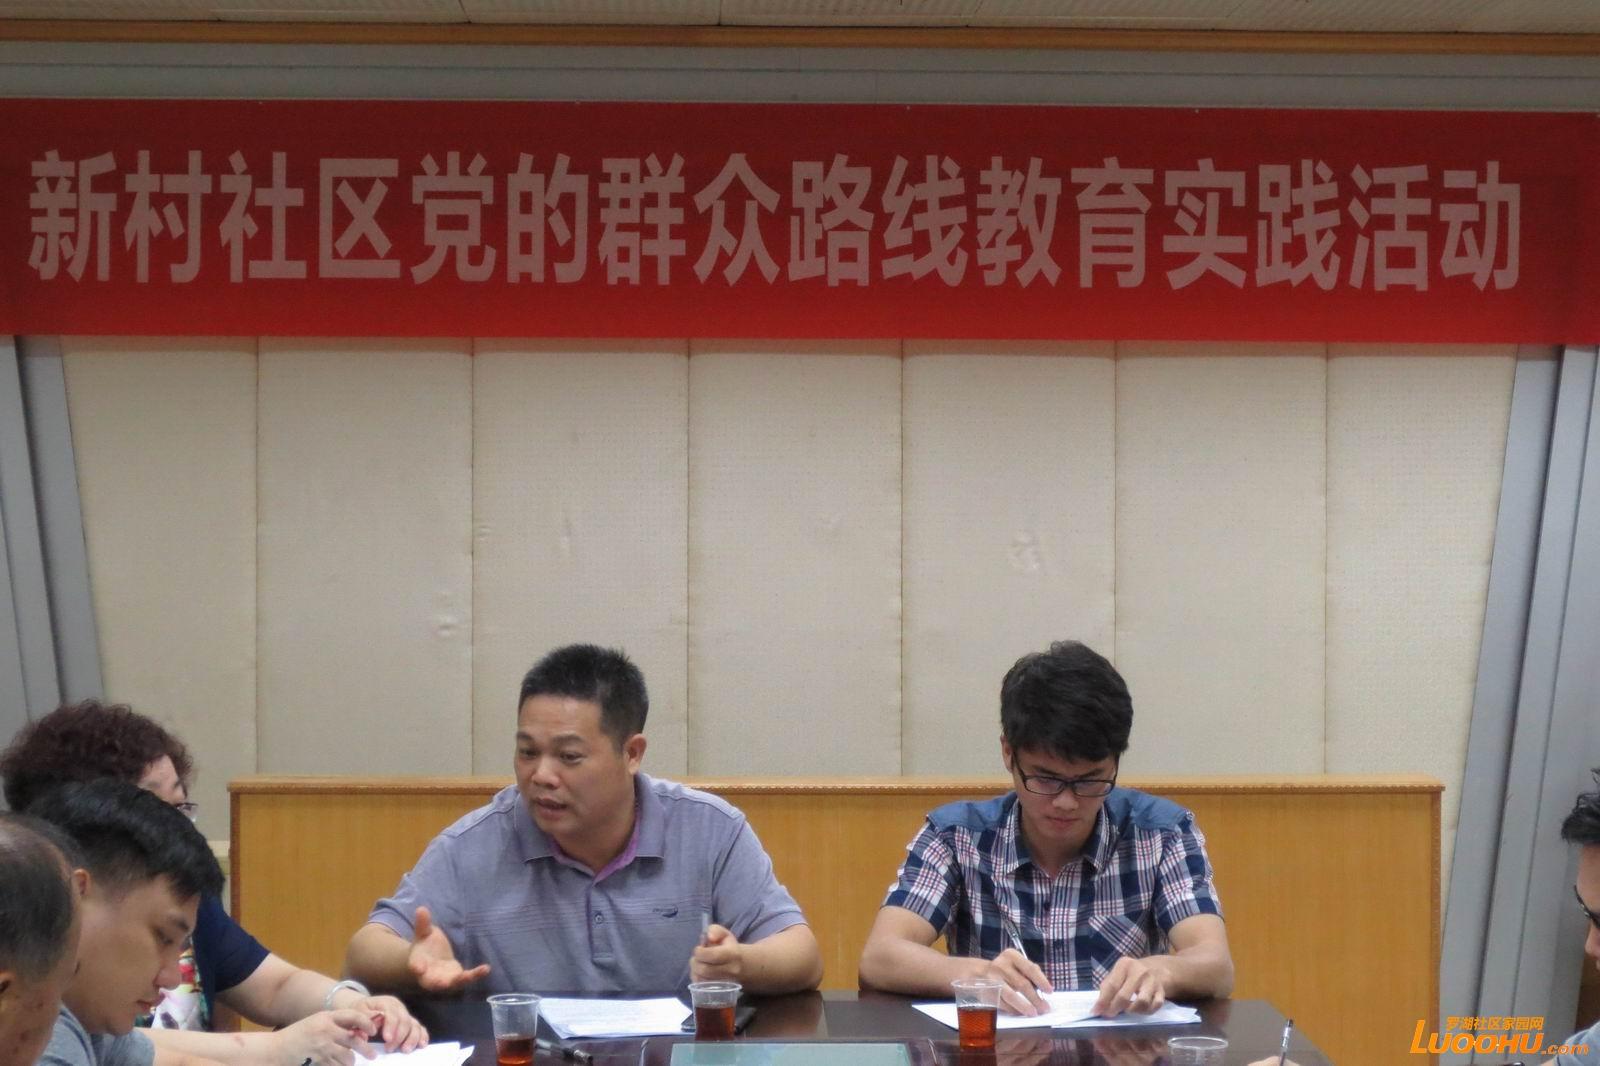 新村社区综合党总支召开专题民主生活会2.JPG